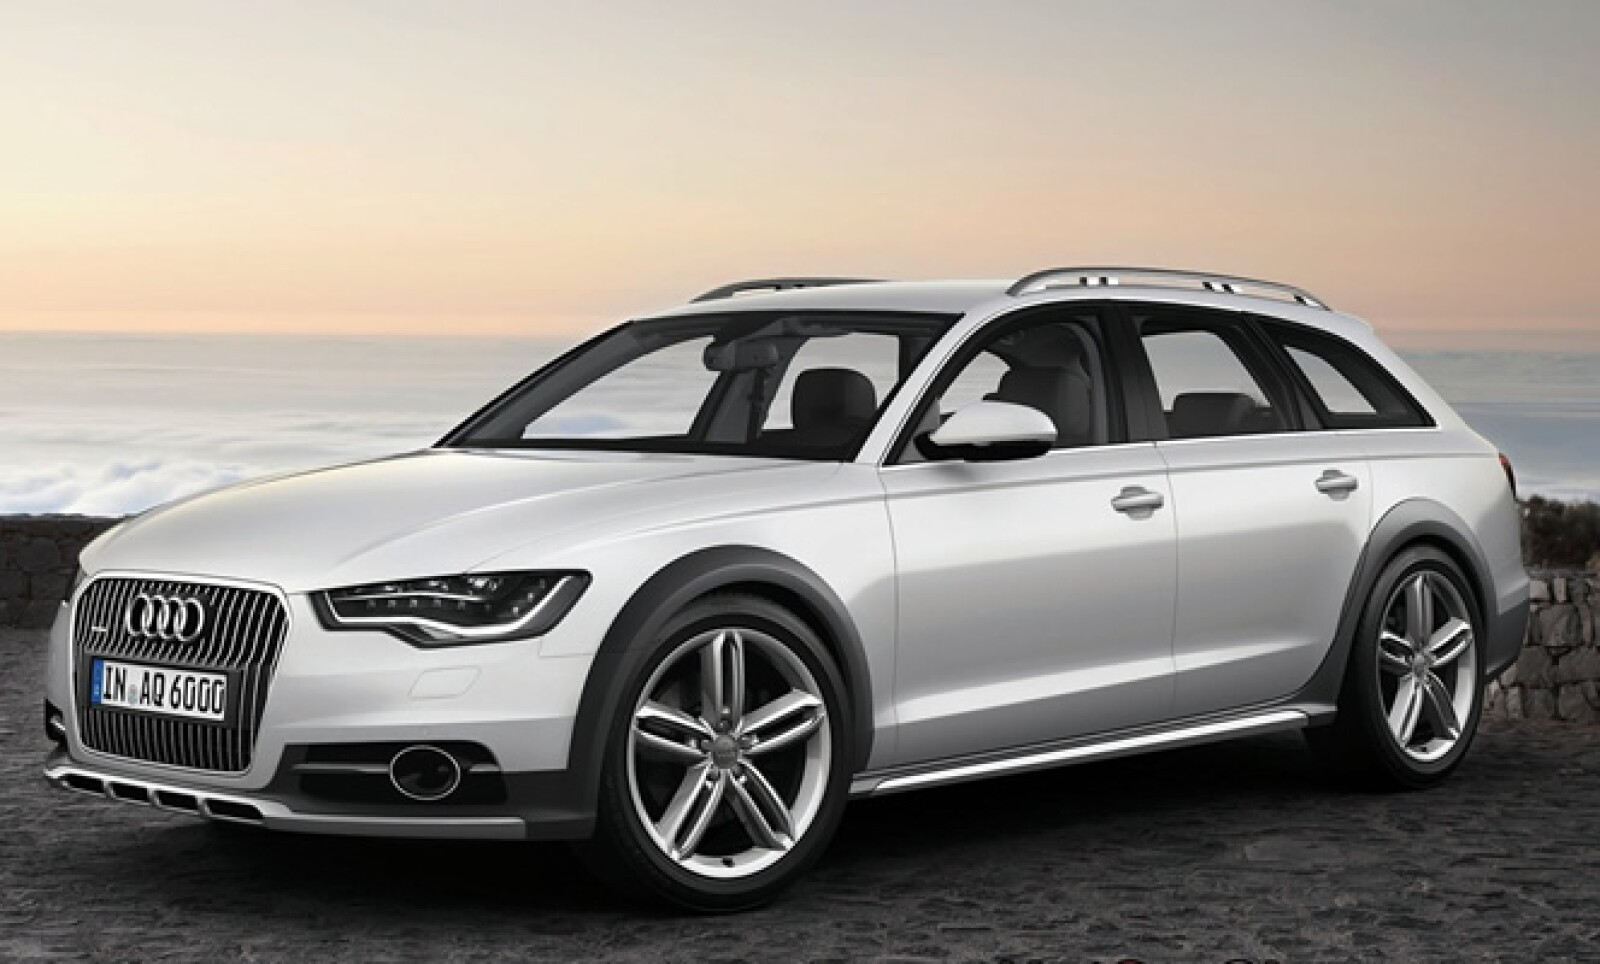 El AutoShow de Detroit concluye este domingo 15 y te presentamos algunos de sus mejores representantes. Este modelo de la firma alemana combina un vehículo familiar con capacidades todoterreno.